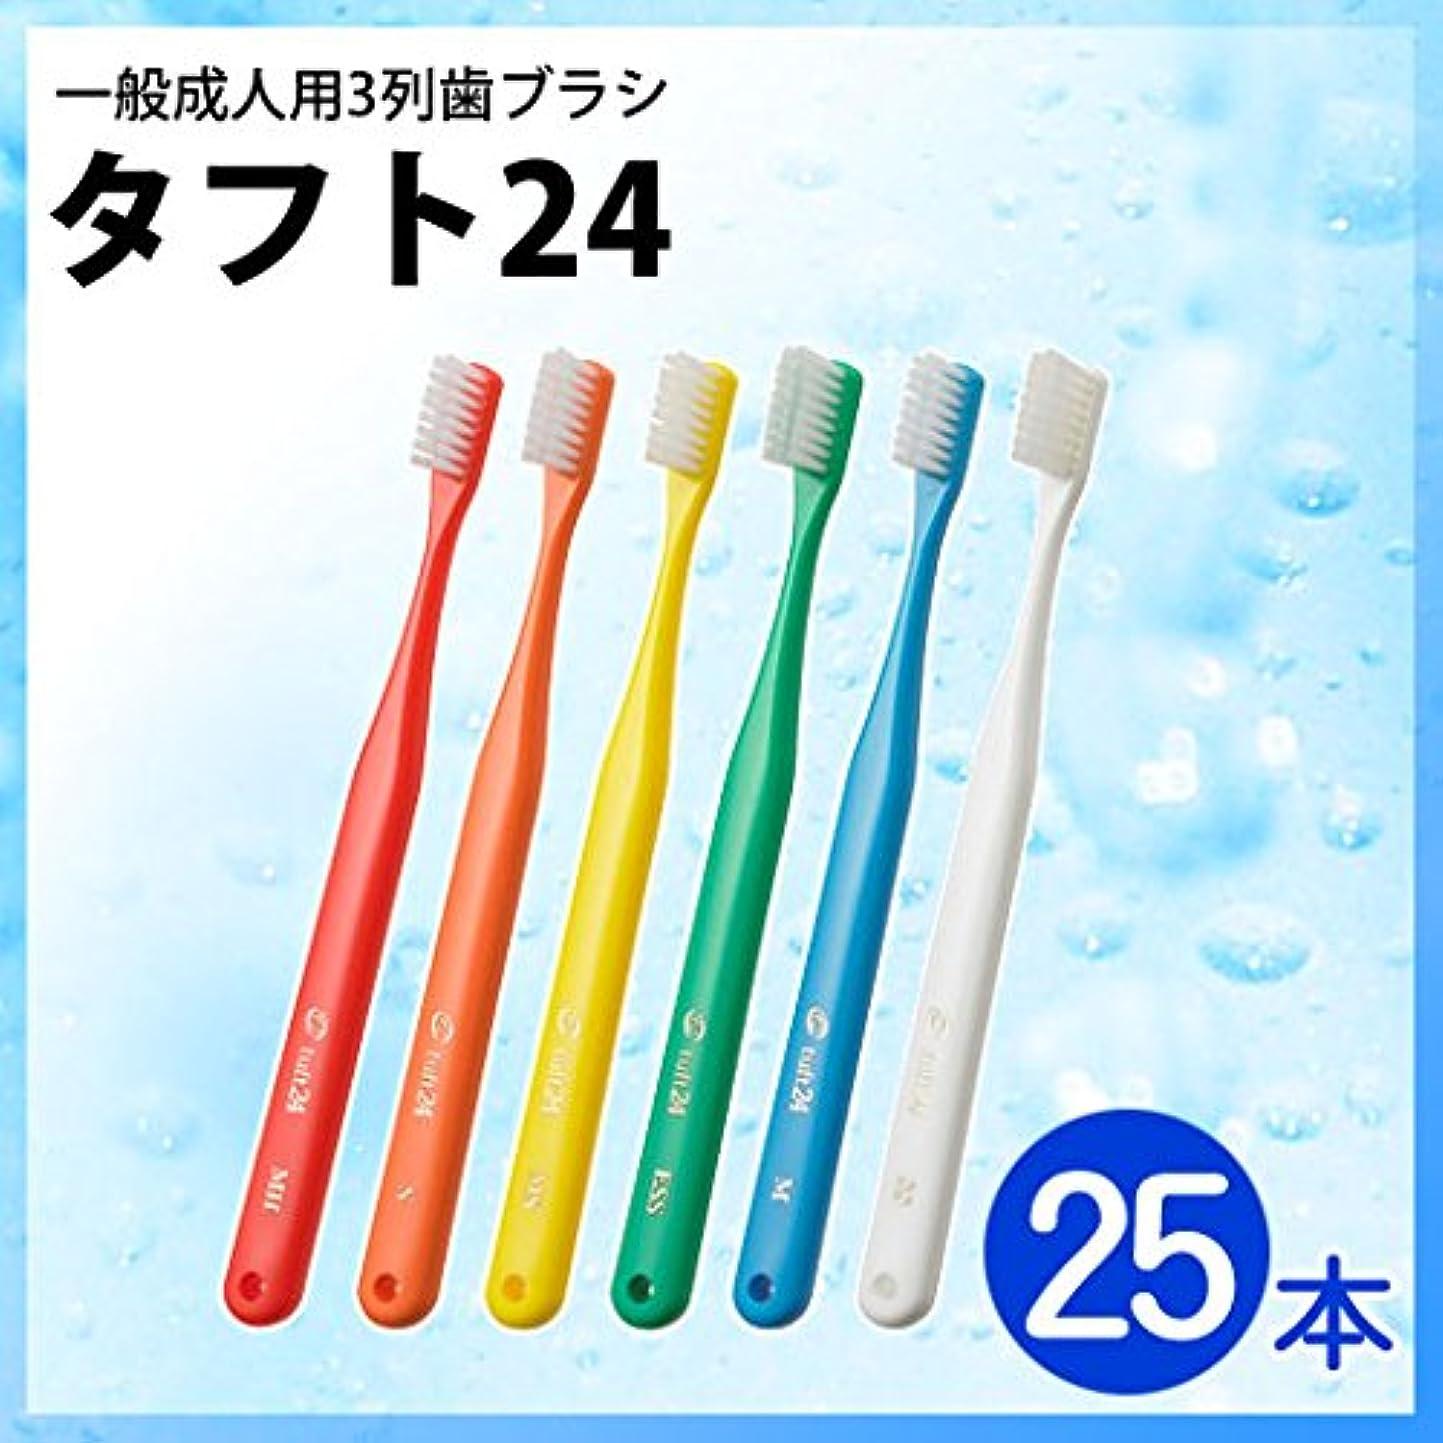 届けるインポート流行タフト24 【歯ブラシ/タフト】25本セットオーラルケア タフト24 一般成人用 3列歯ブラシ MS(ミディアムソフト) グリーン